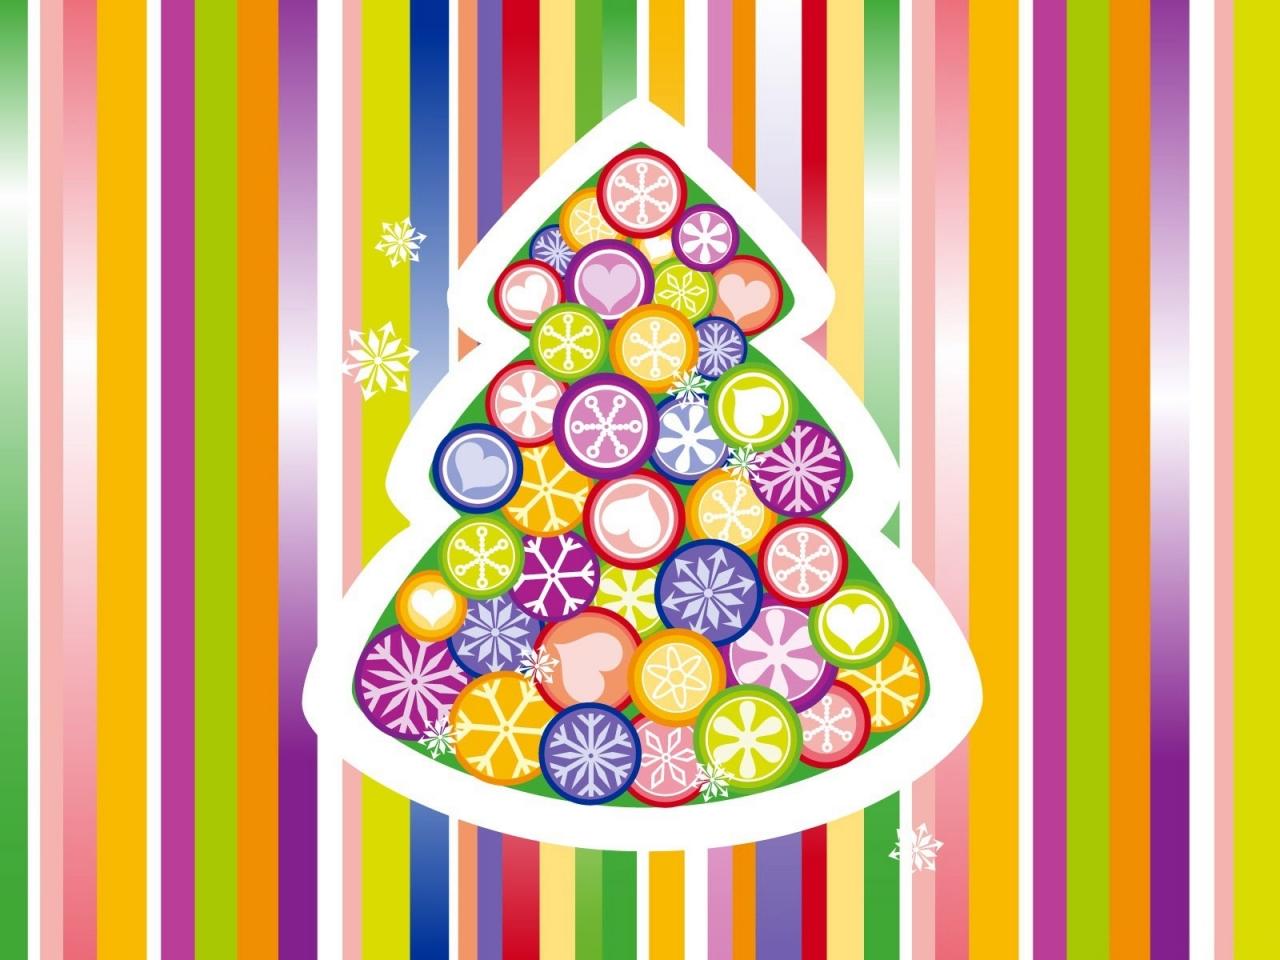 Arbol de navidad multicolor - 1280x960